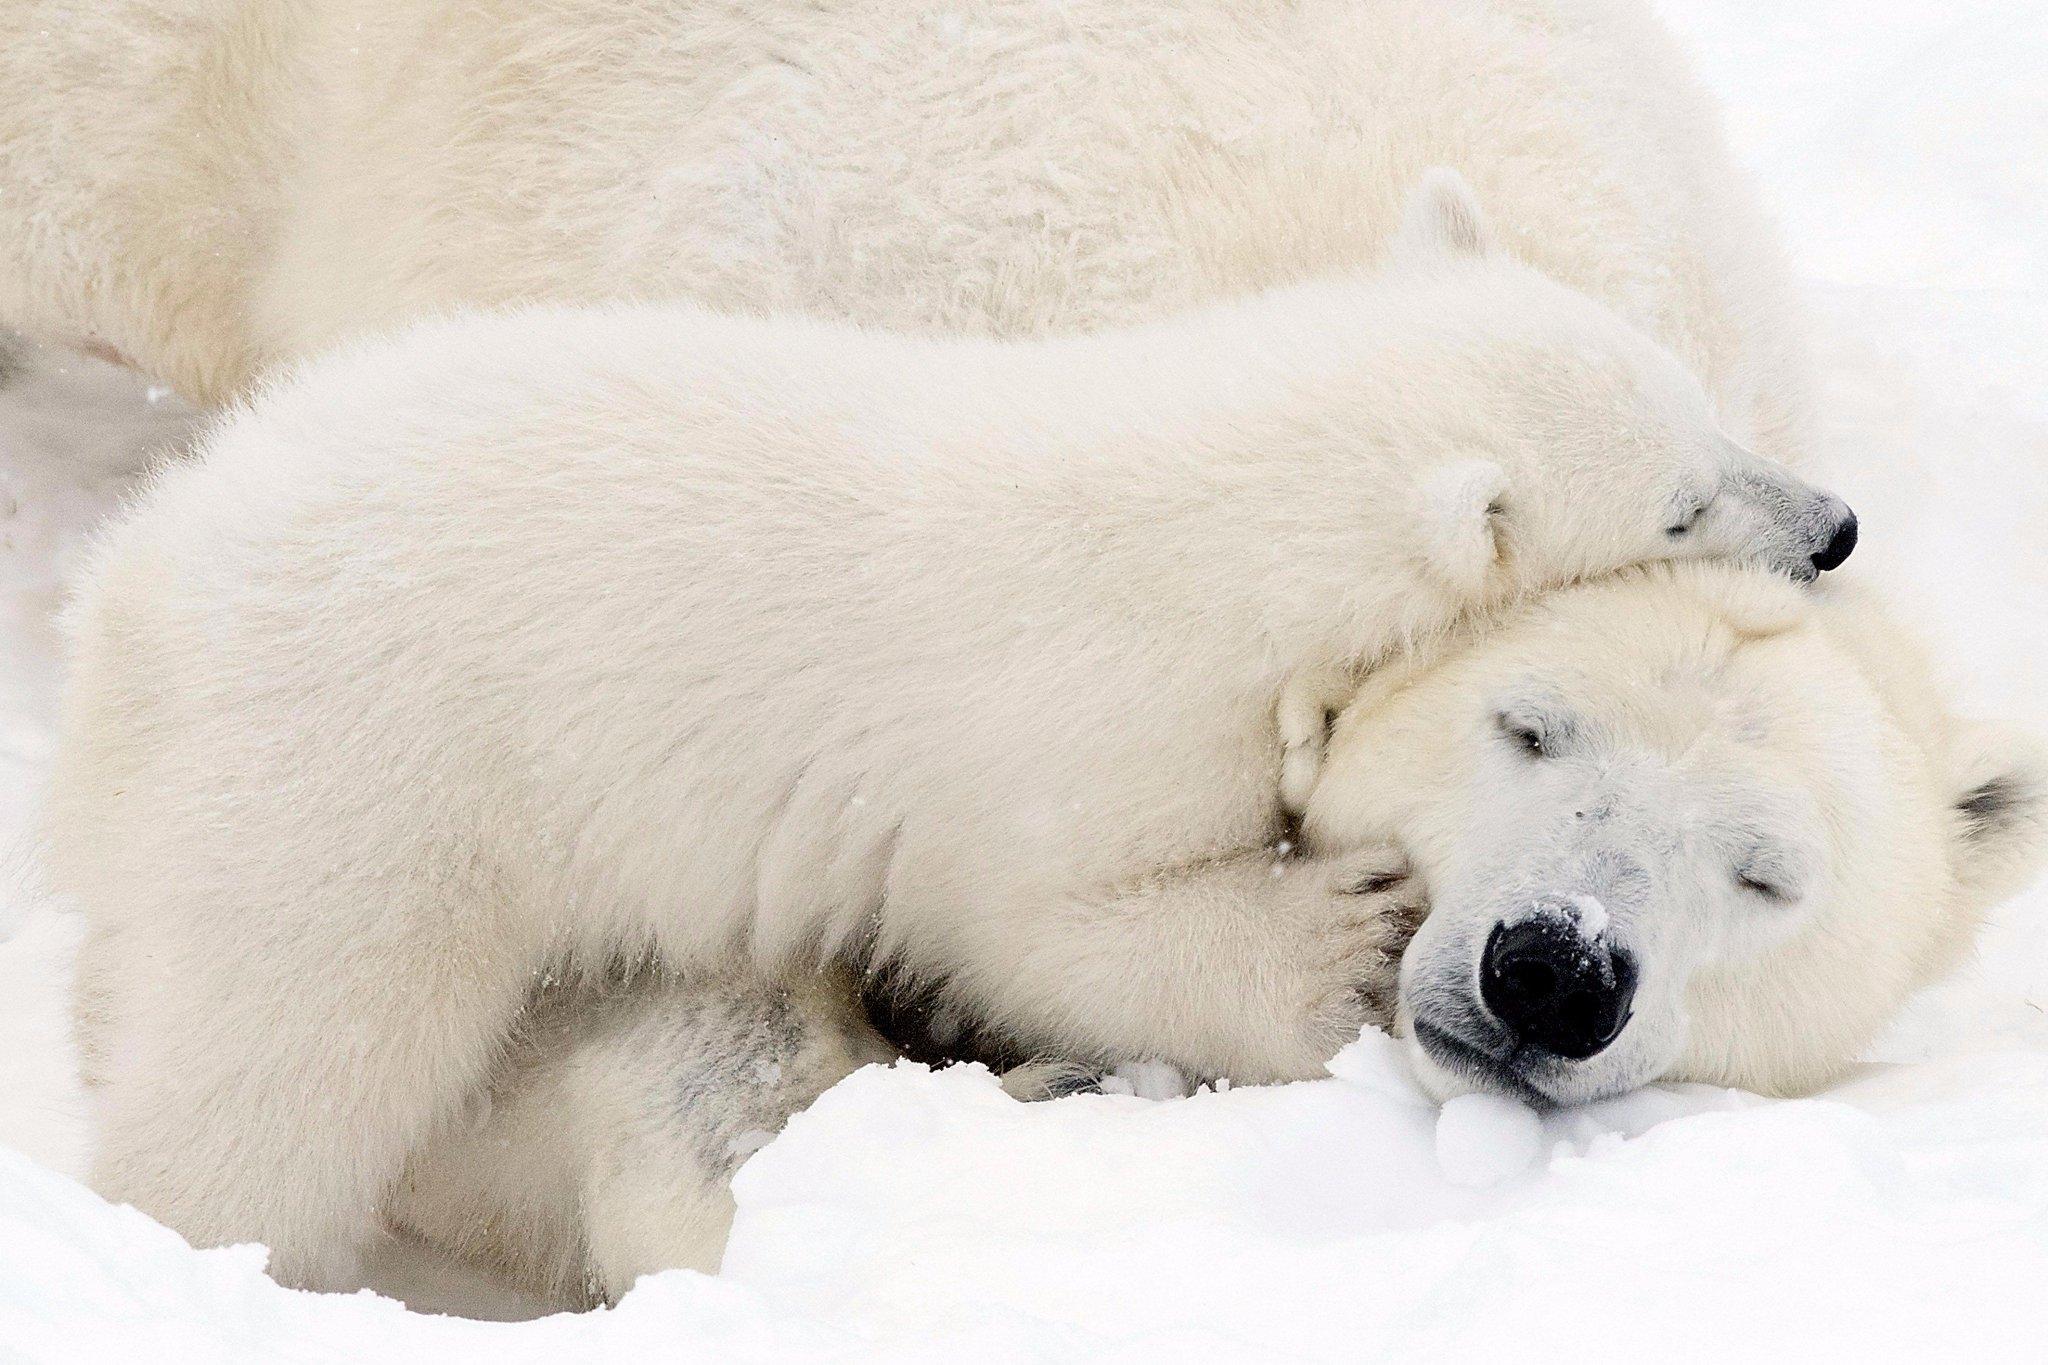 Ромашки, картинки белые медвежата и мама